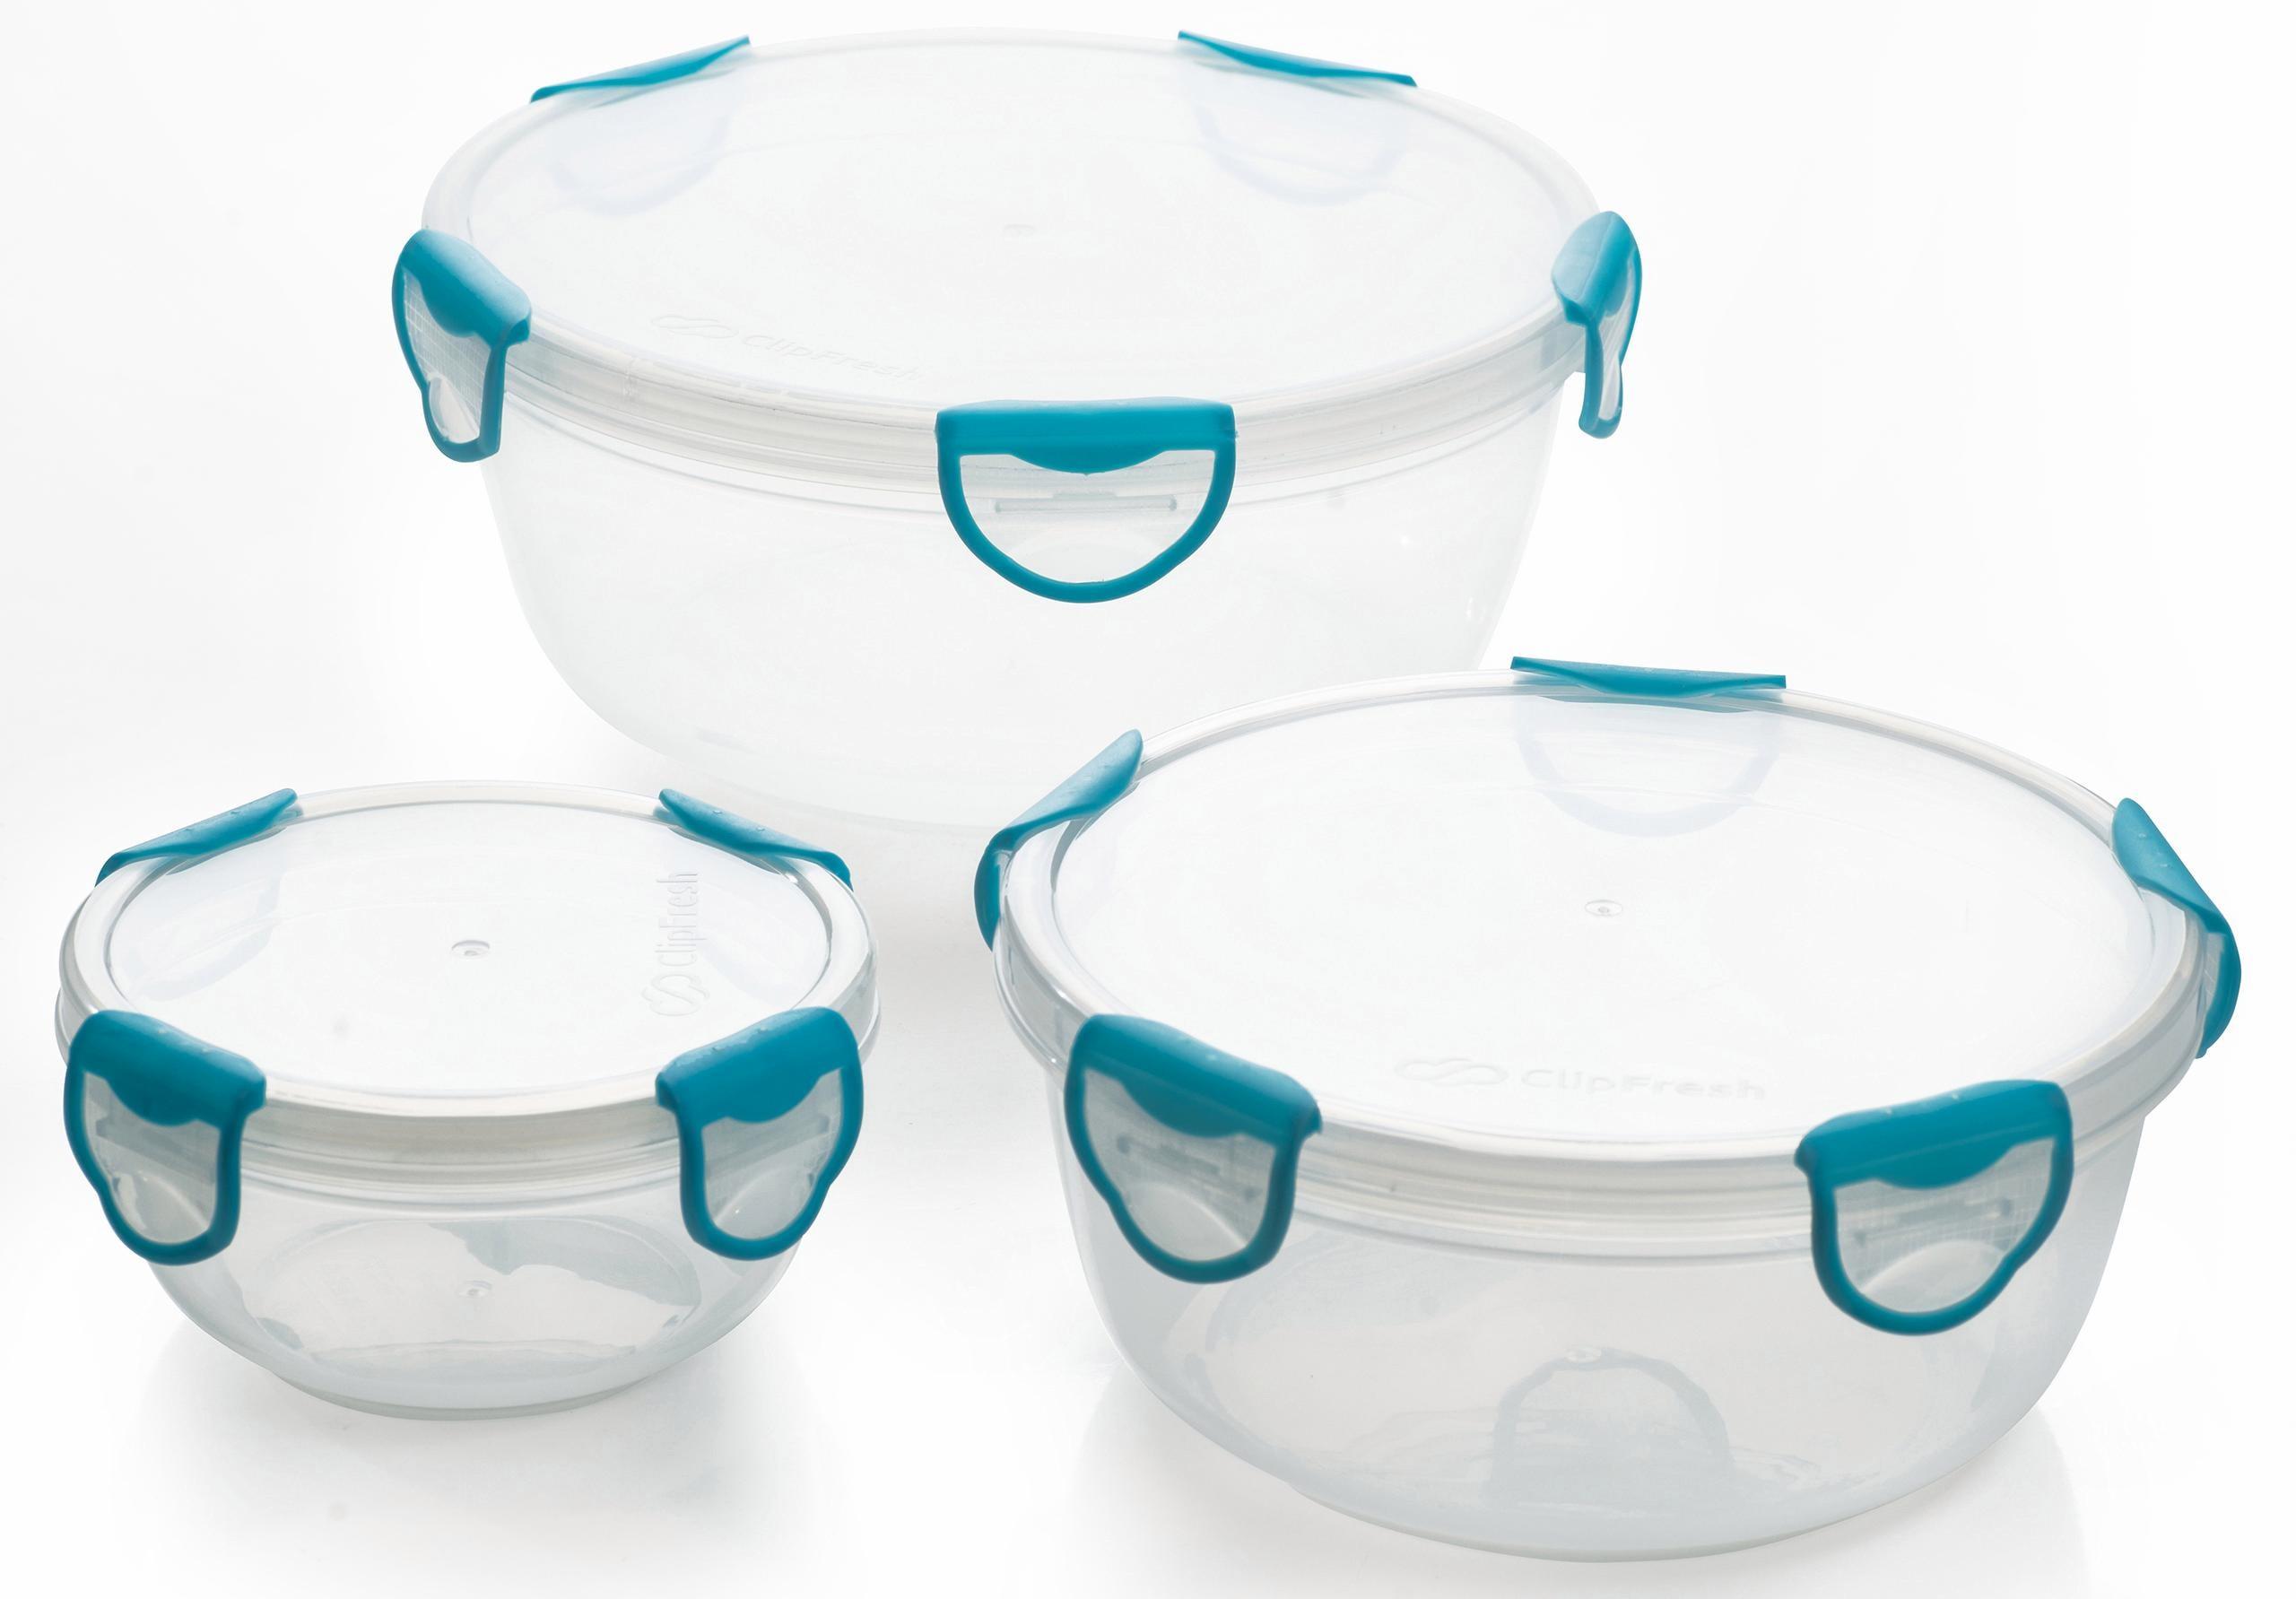 Genius Frischhaltedosen rund 3-teilig Clip Fresh | Küche und Esszimmer > Aufbewahrung > Vorratsdosen | Transparent | Genius